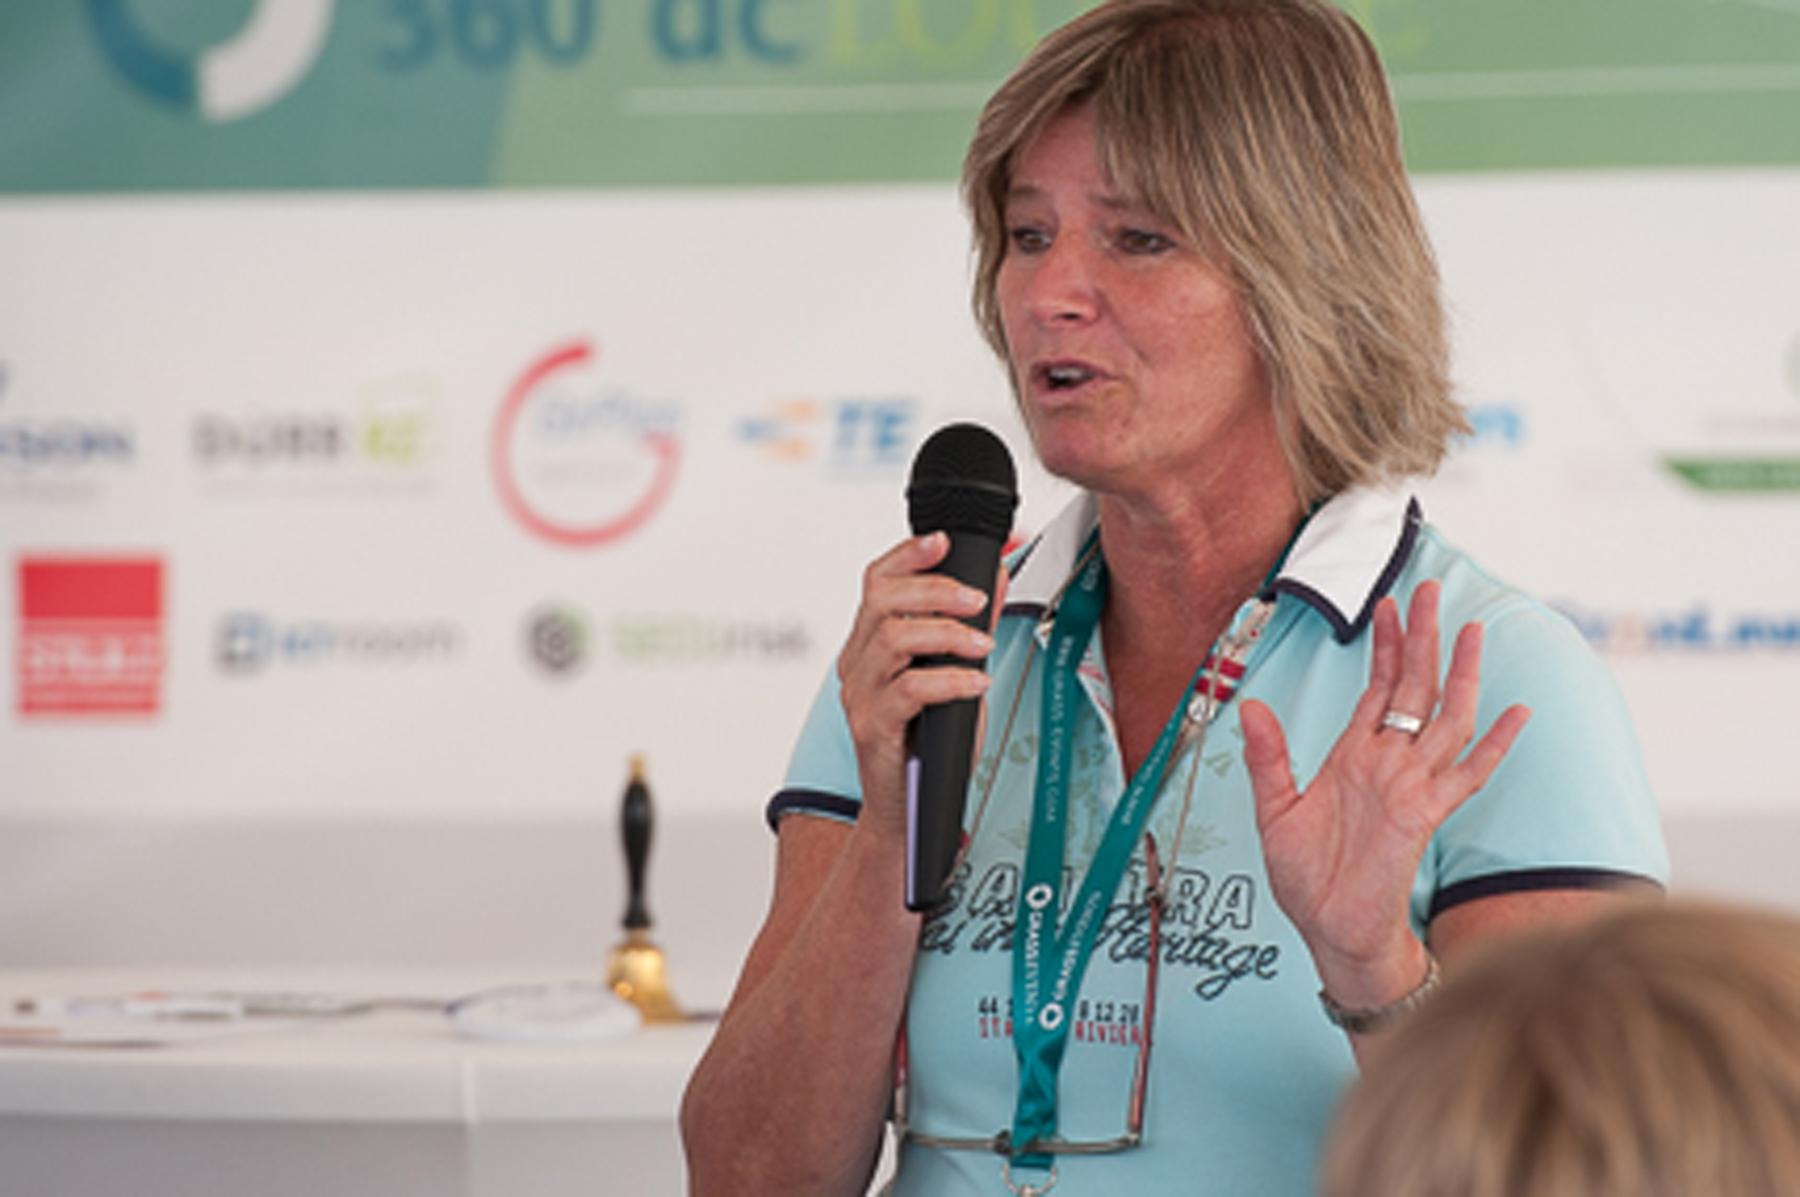 Karin Steinhage mit Mikrophon